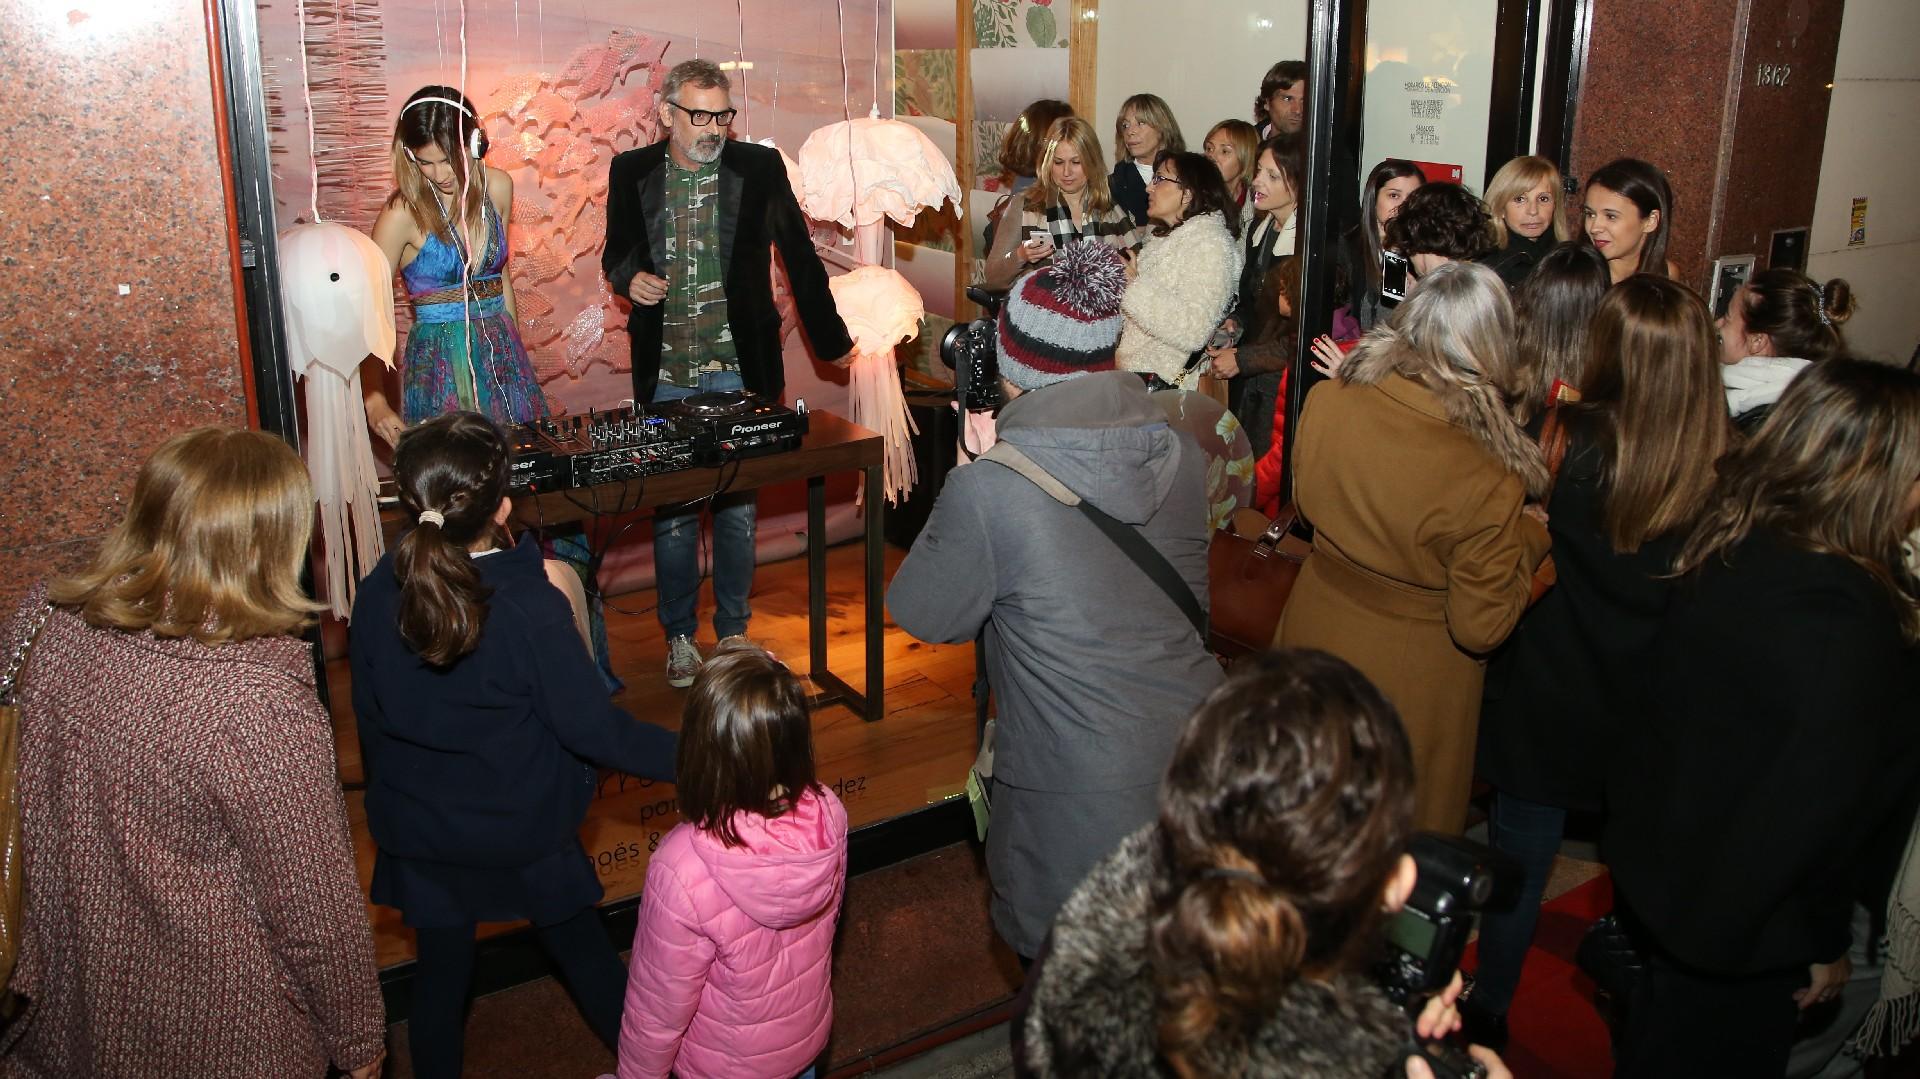 Benito Fernández estuvo a cargo de la intervención de la vidriera del local de Sofía Willemoes y se divirtió con el público al ritmo de la música de la DJ Cintia Garrido